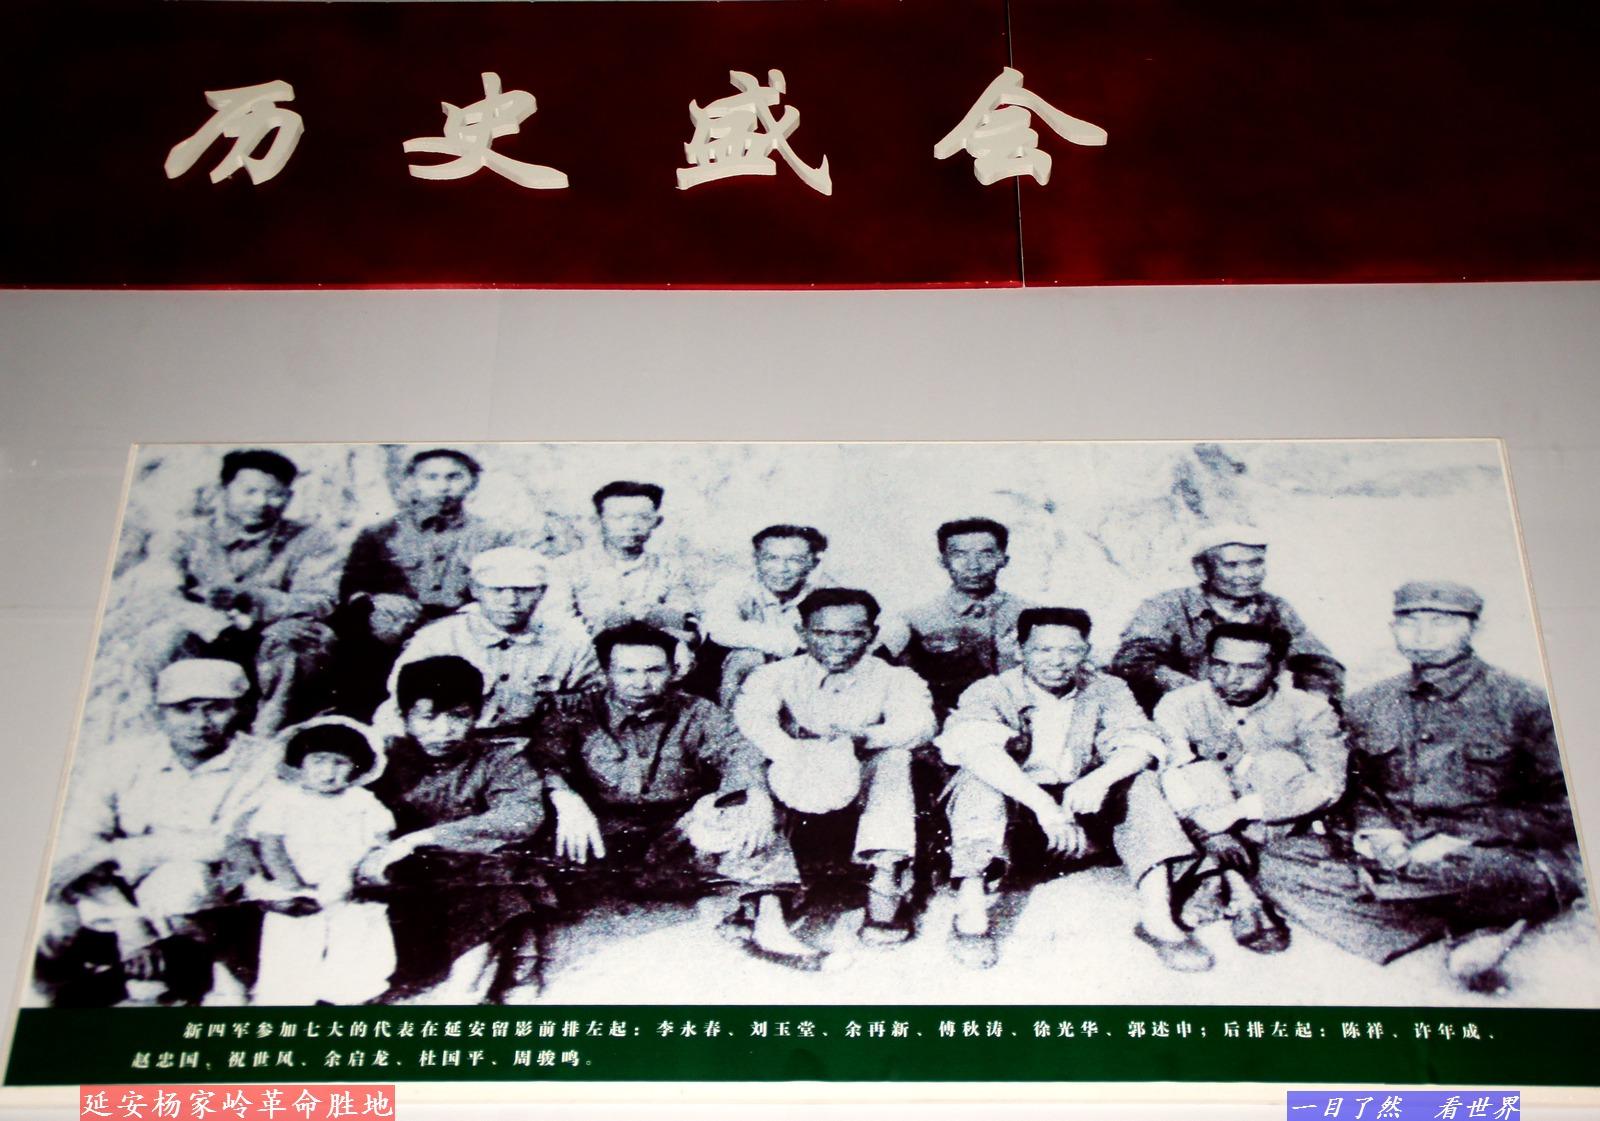 延安杨家岭革命胜地-19-1600.jpg